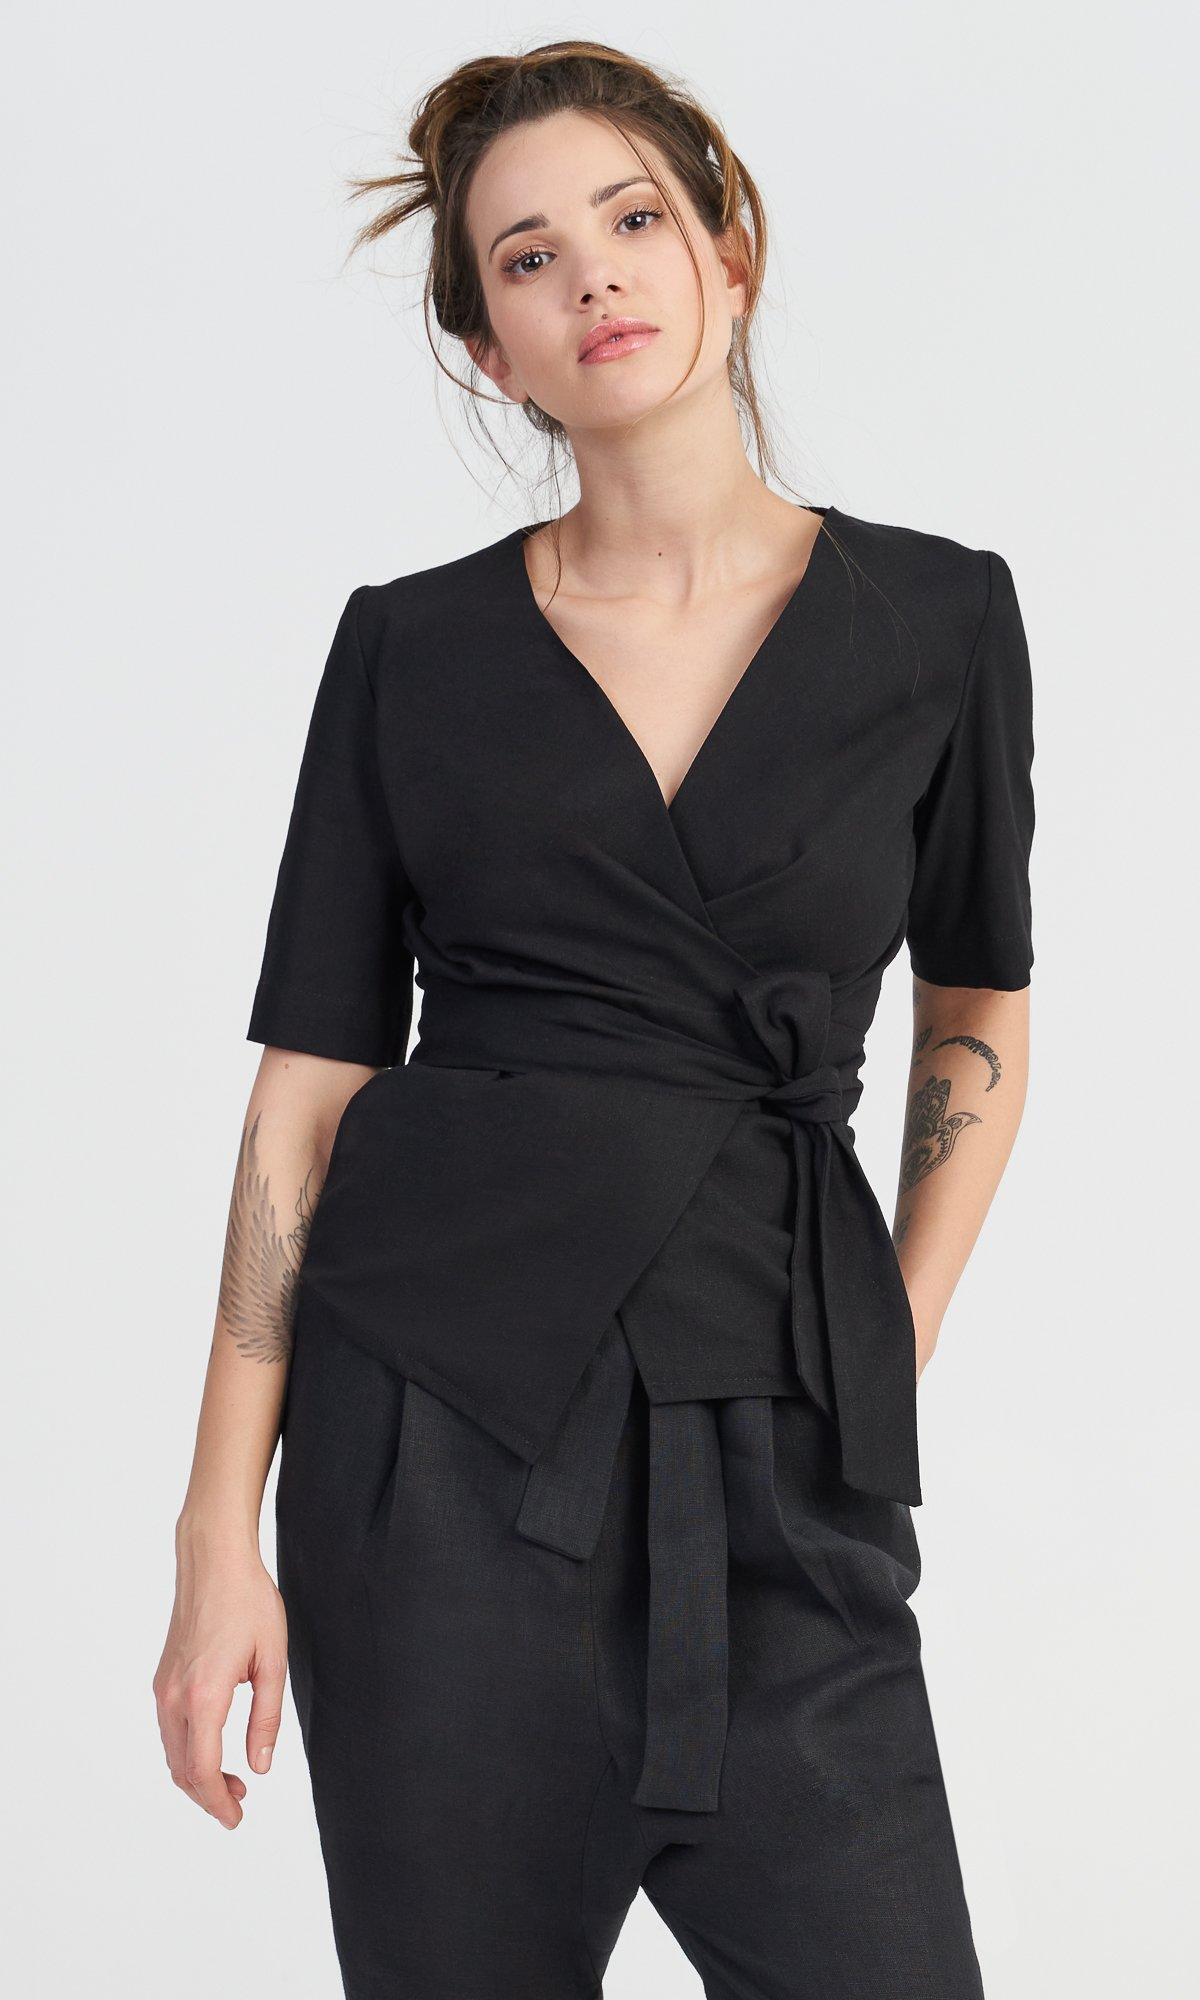 Short Sleeves Linen Top with Belt